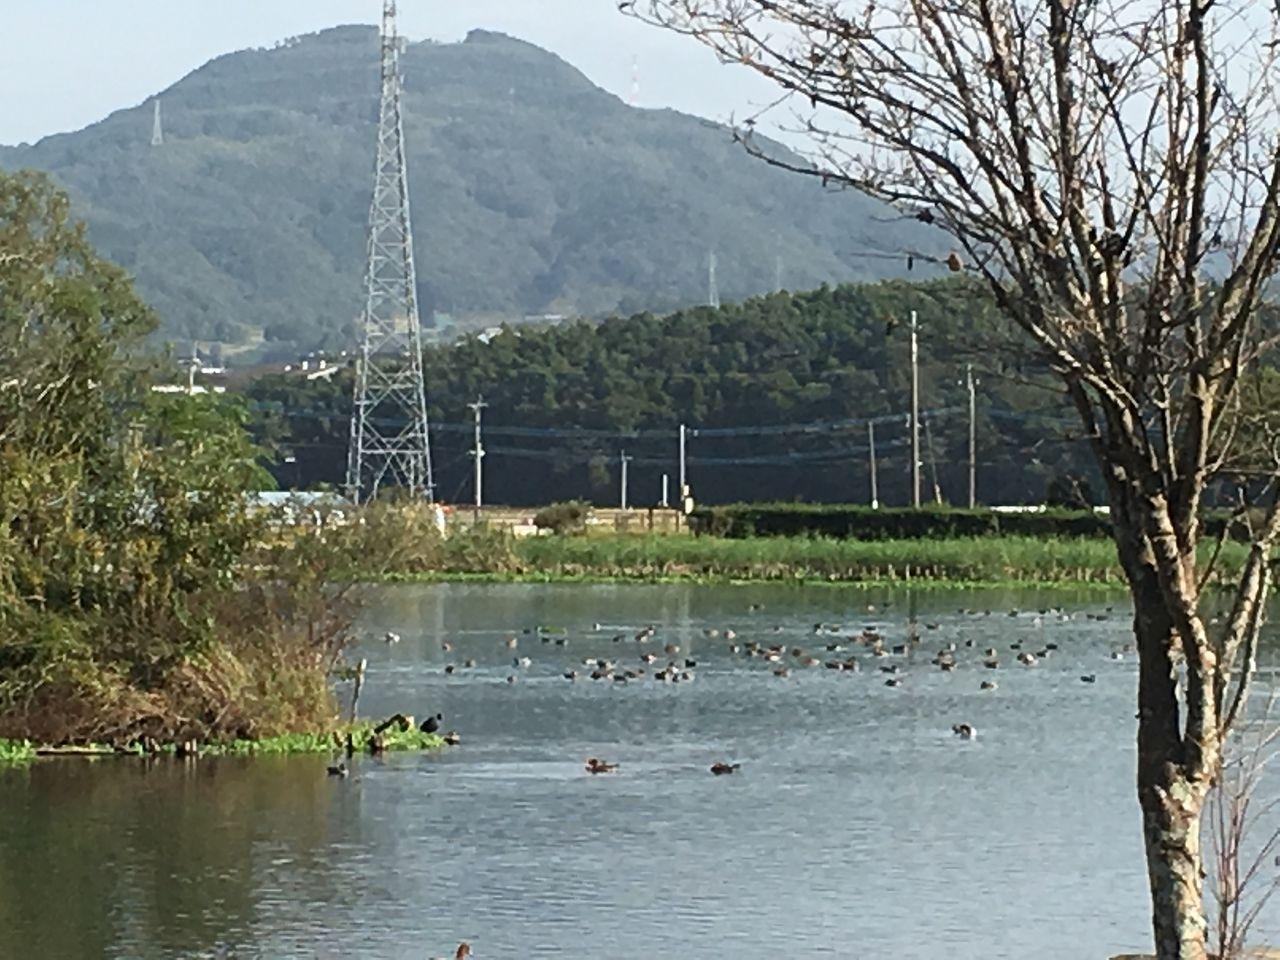 湧水には水鳥が遊び、自然の木立に囲まれた浮島周辺水辺公園で心穏やかな一時を過ごしてみませんか?リフレッシュできますよ。